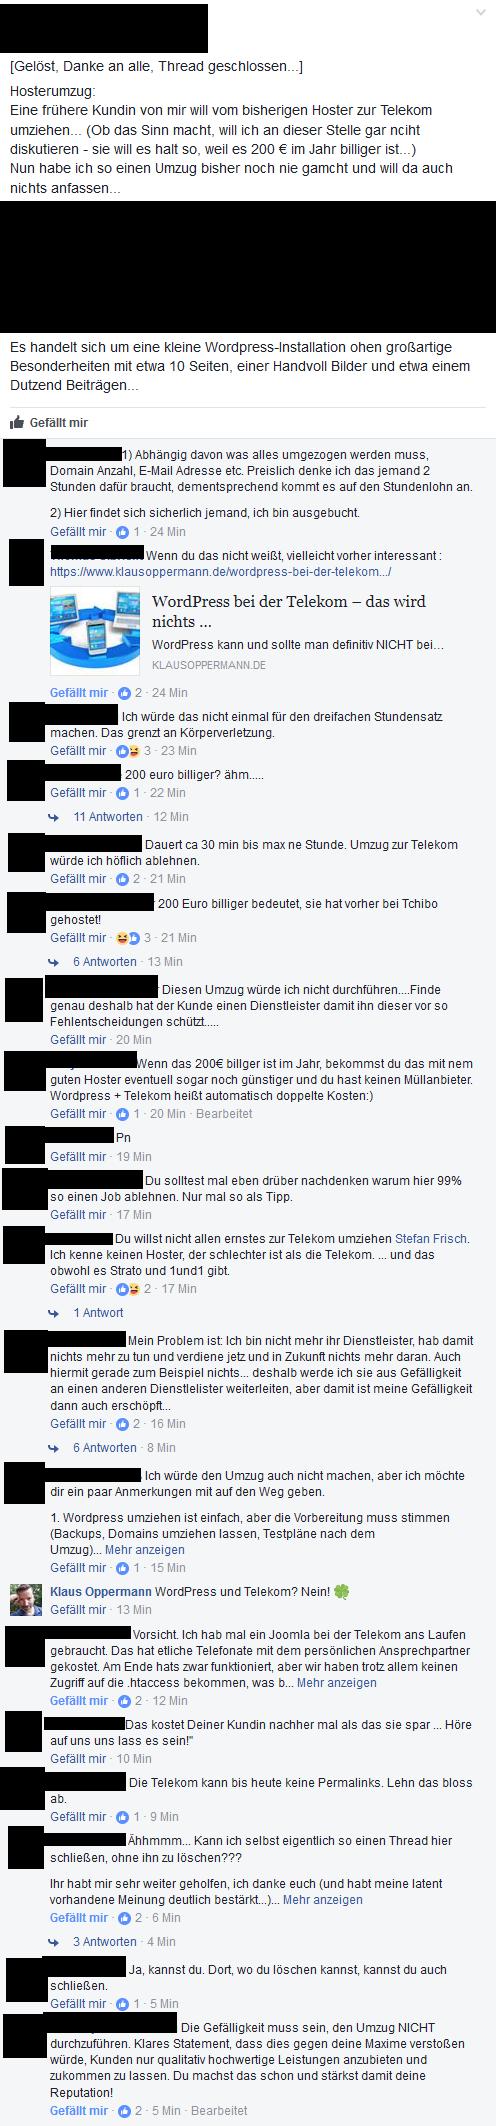 Facebook-Thread WordPress bei der Telekom